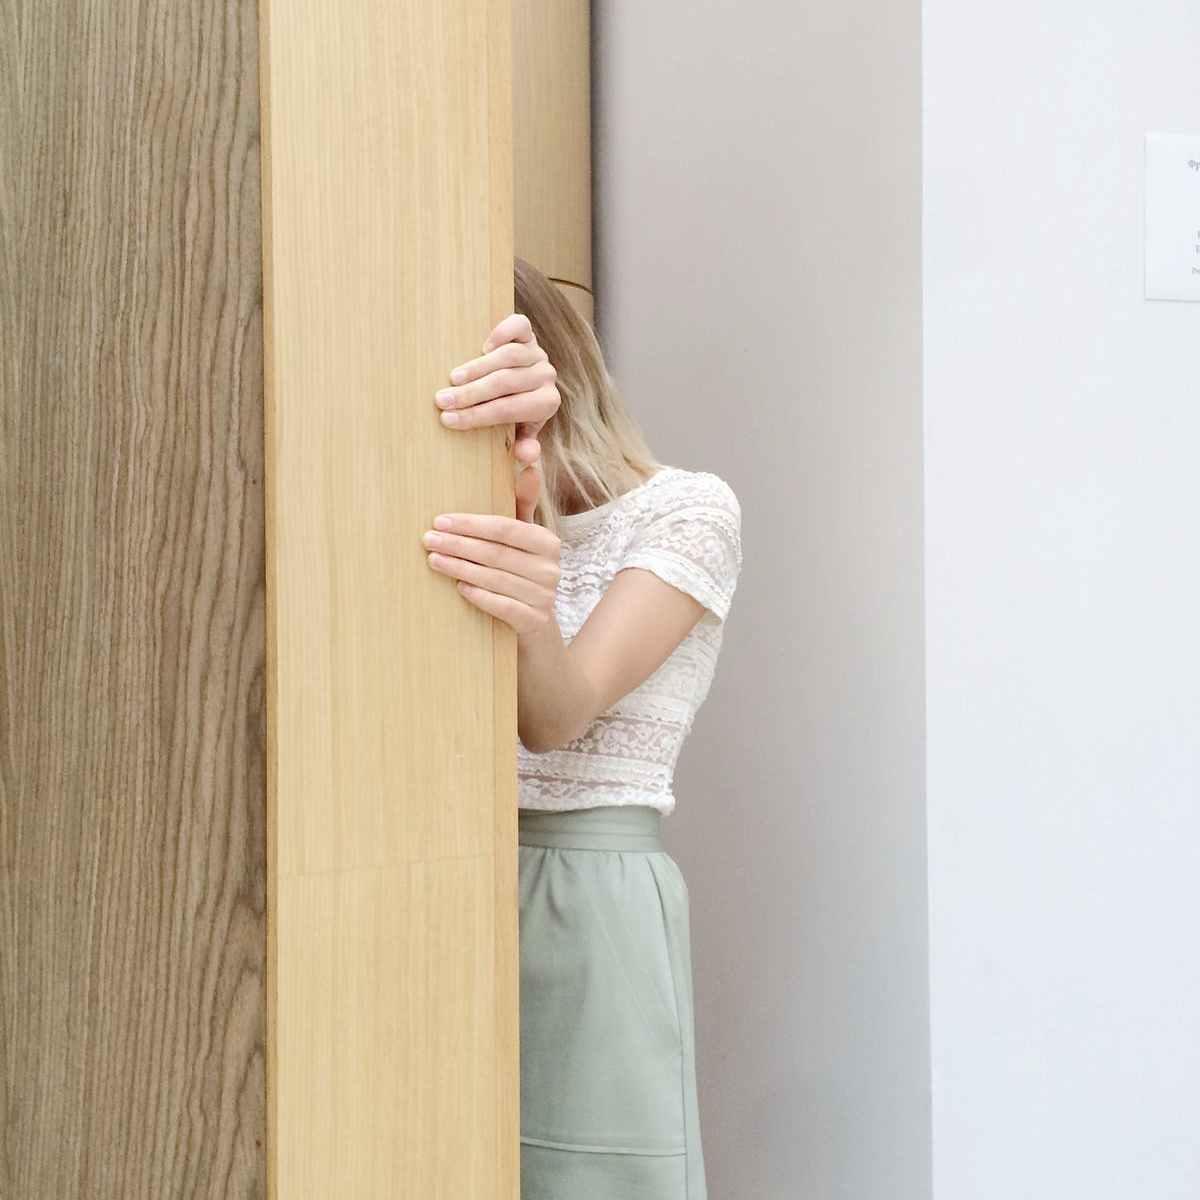 Scared blonde girl hiding behind wooden door